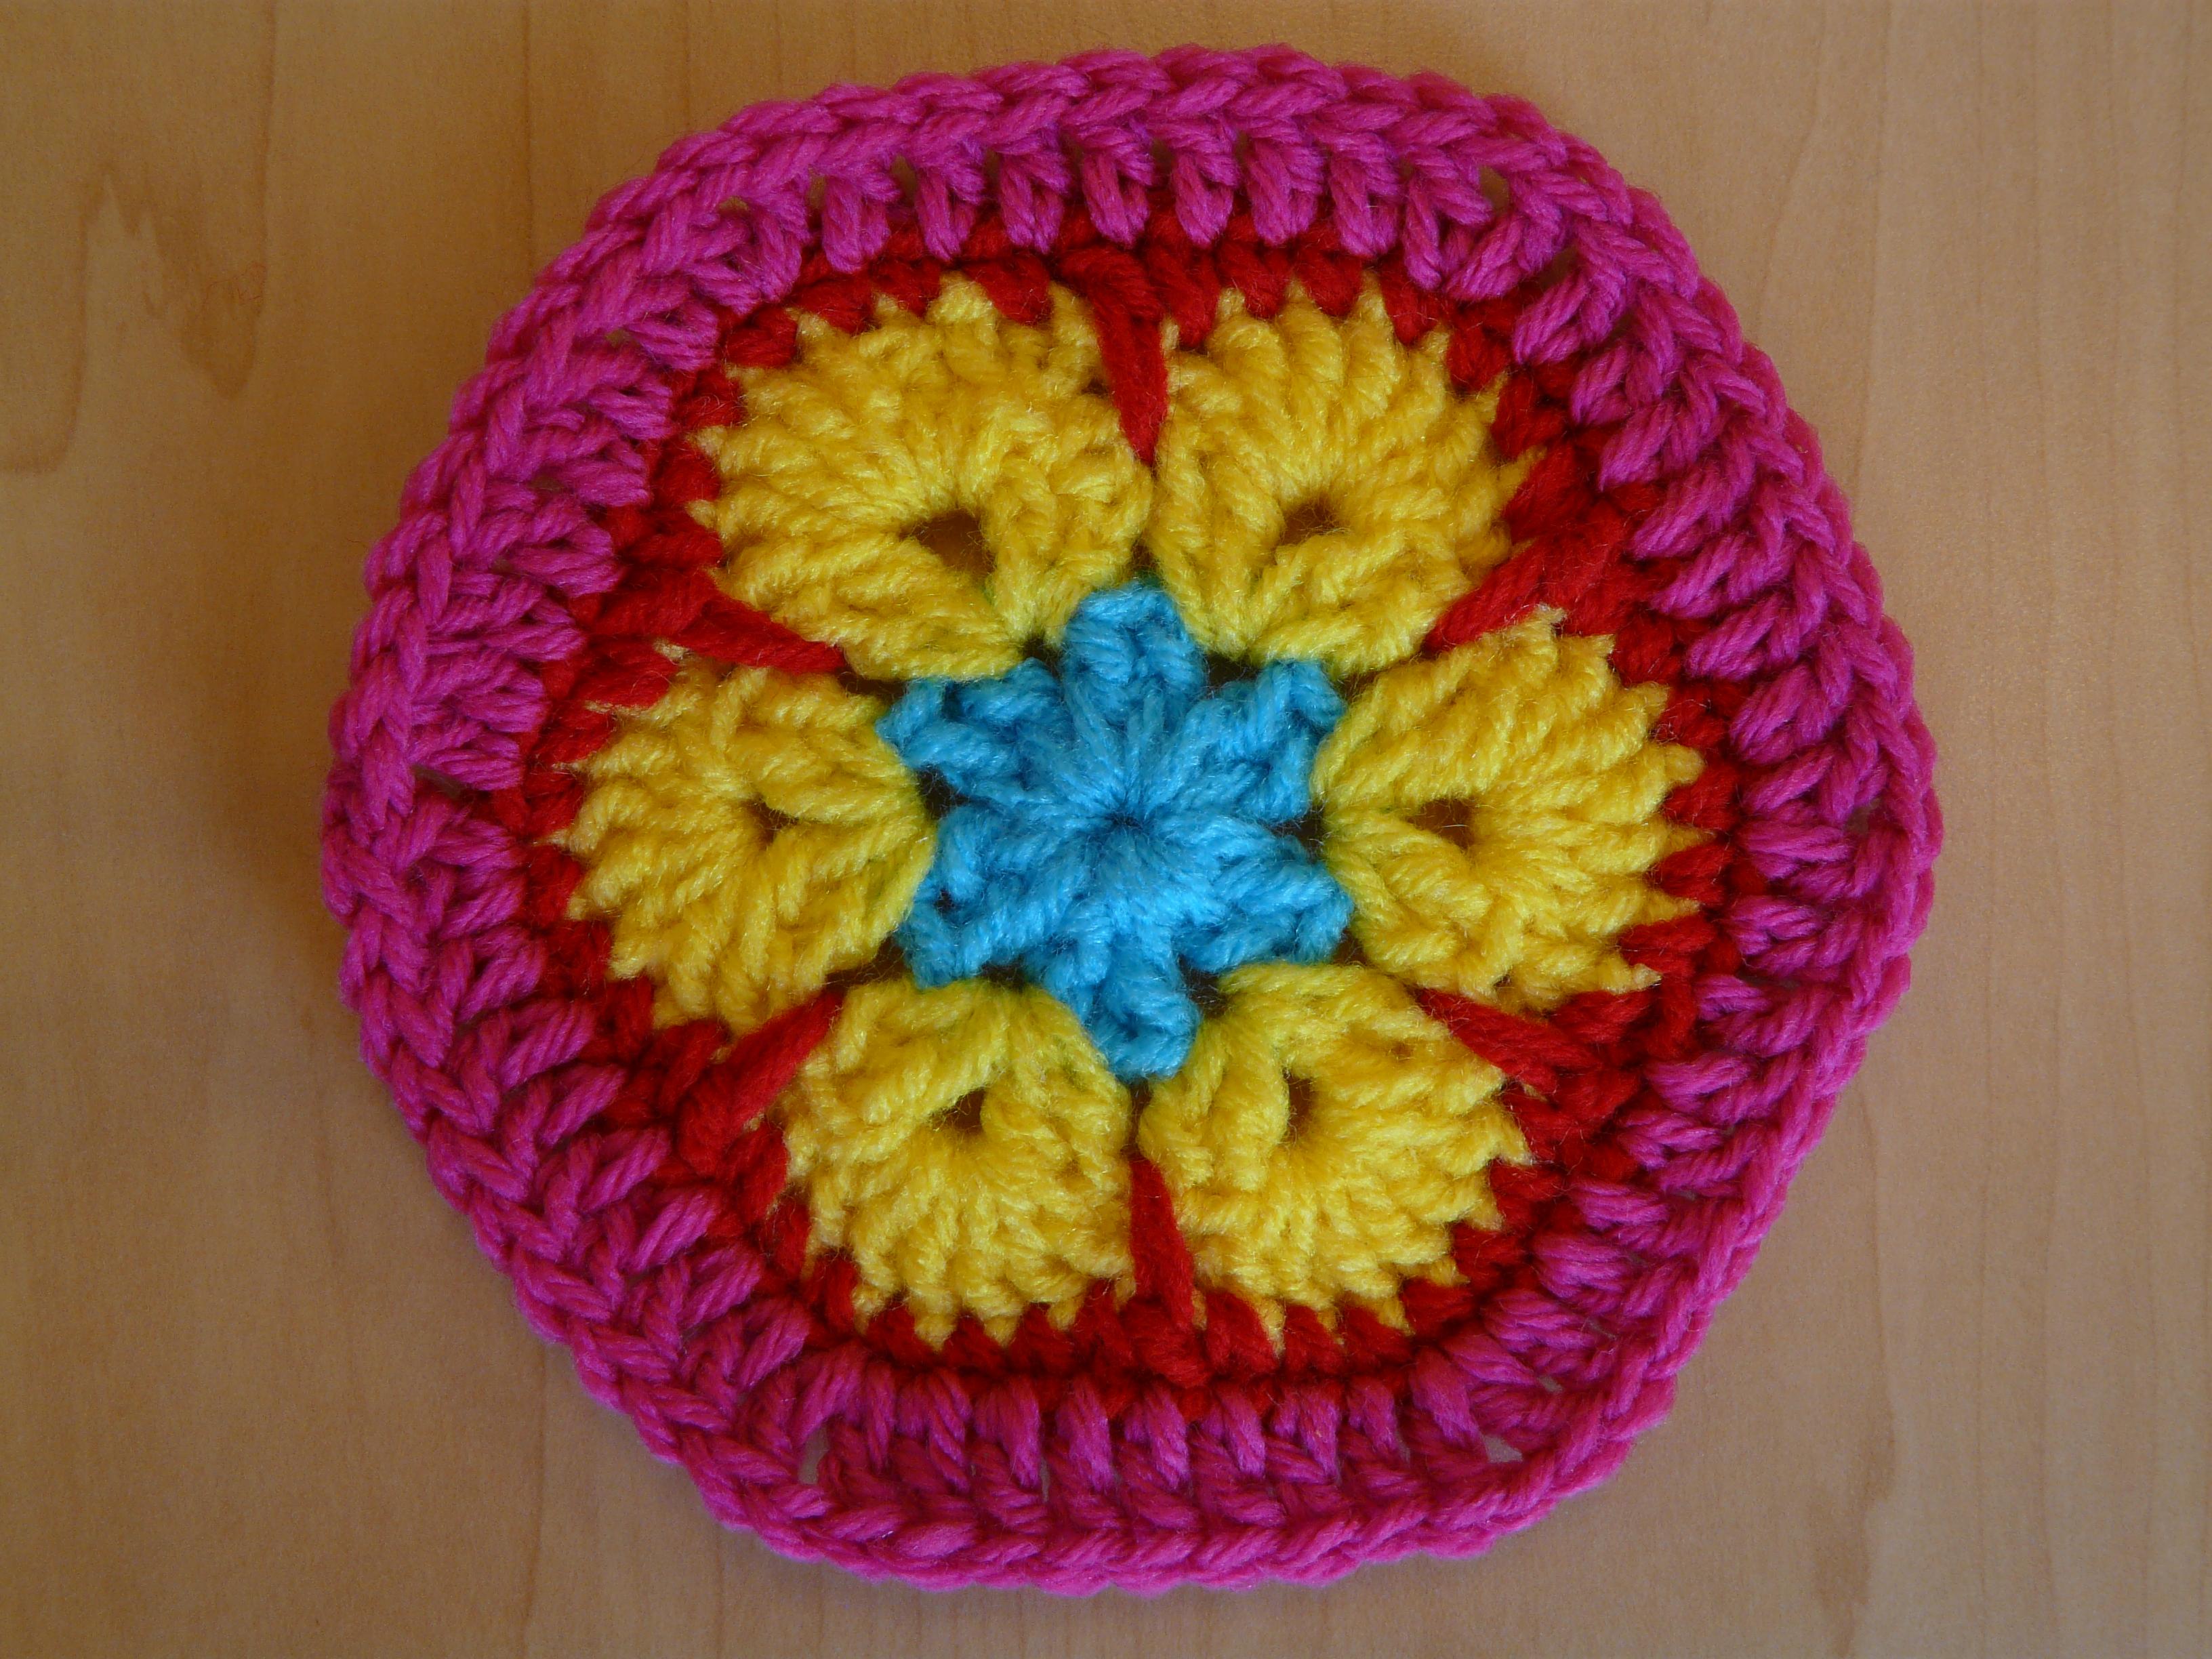 Hexagon Crochet Bag Pattern : Pics Photos - Flower Hexagon Bag Crochet Pattern